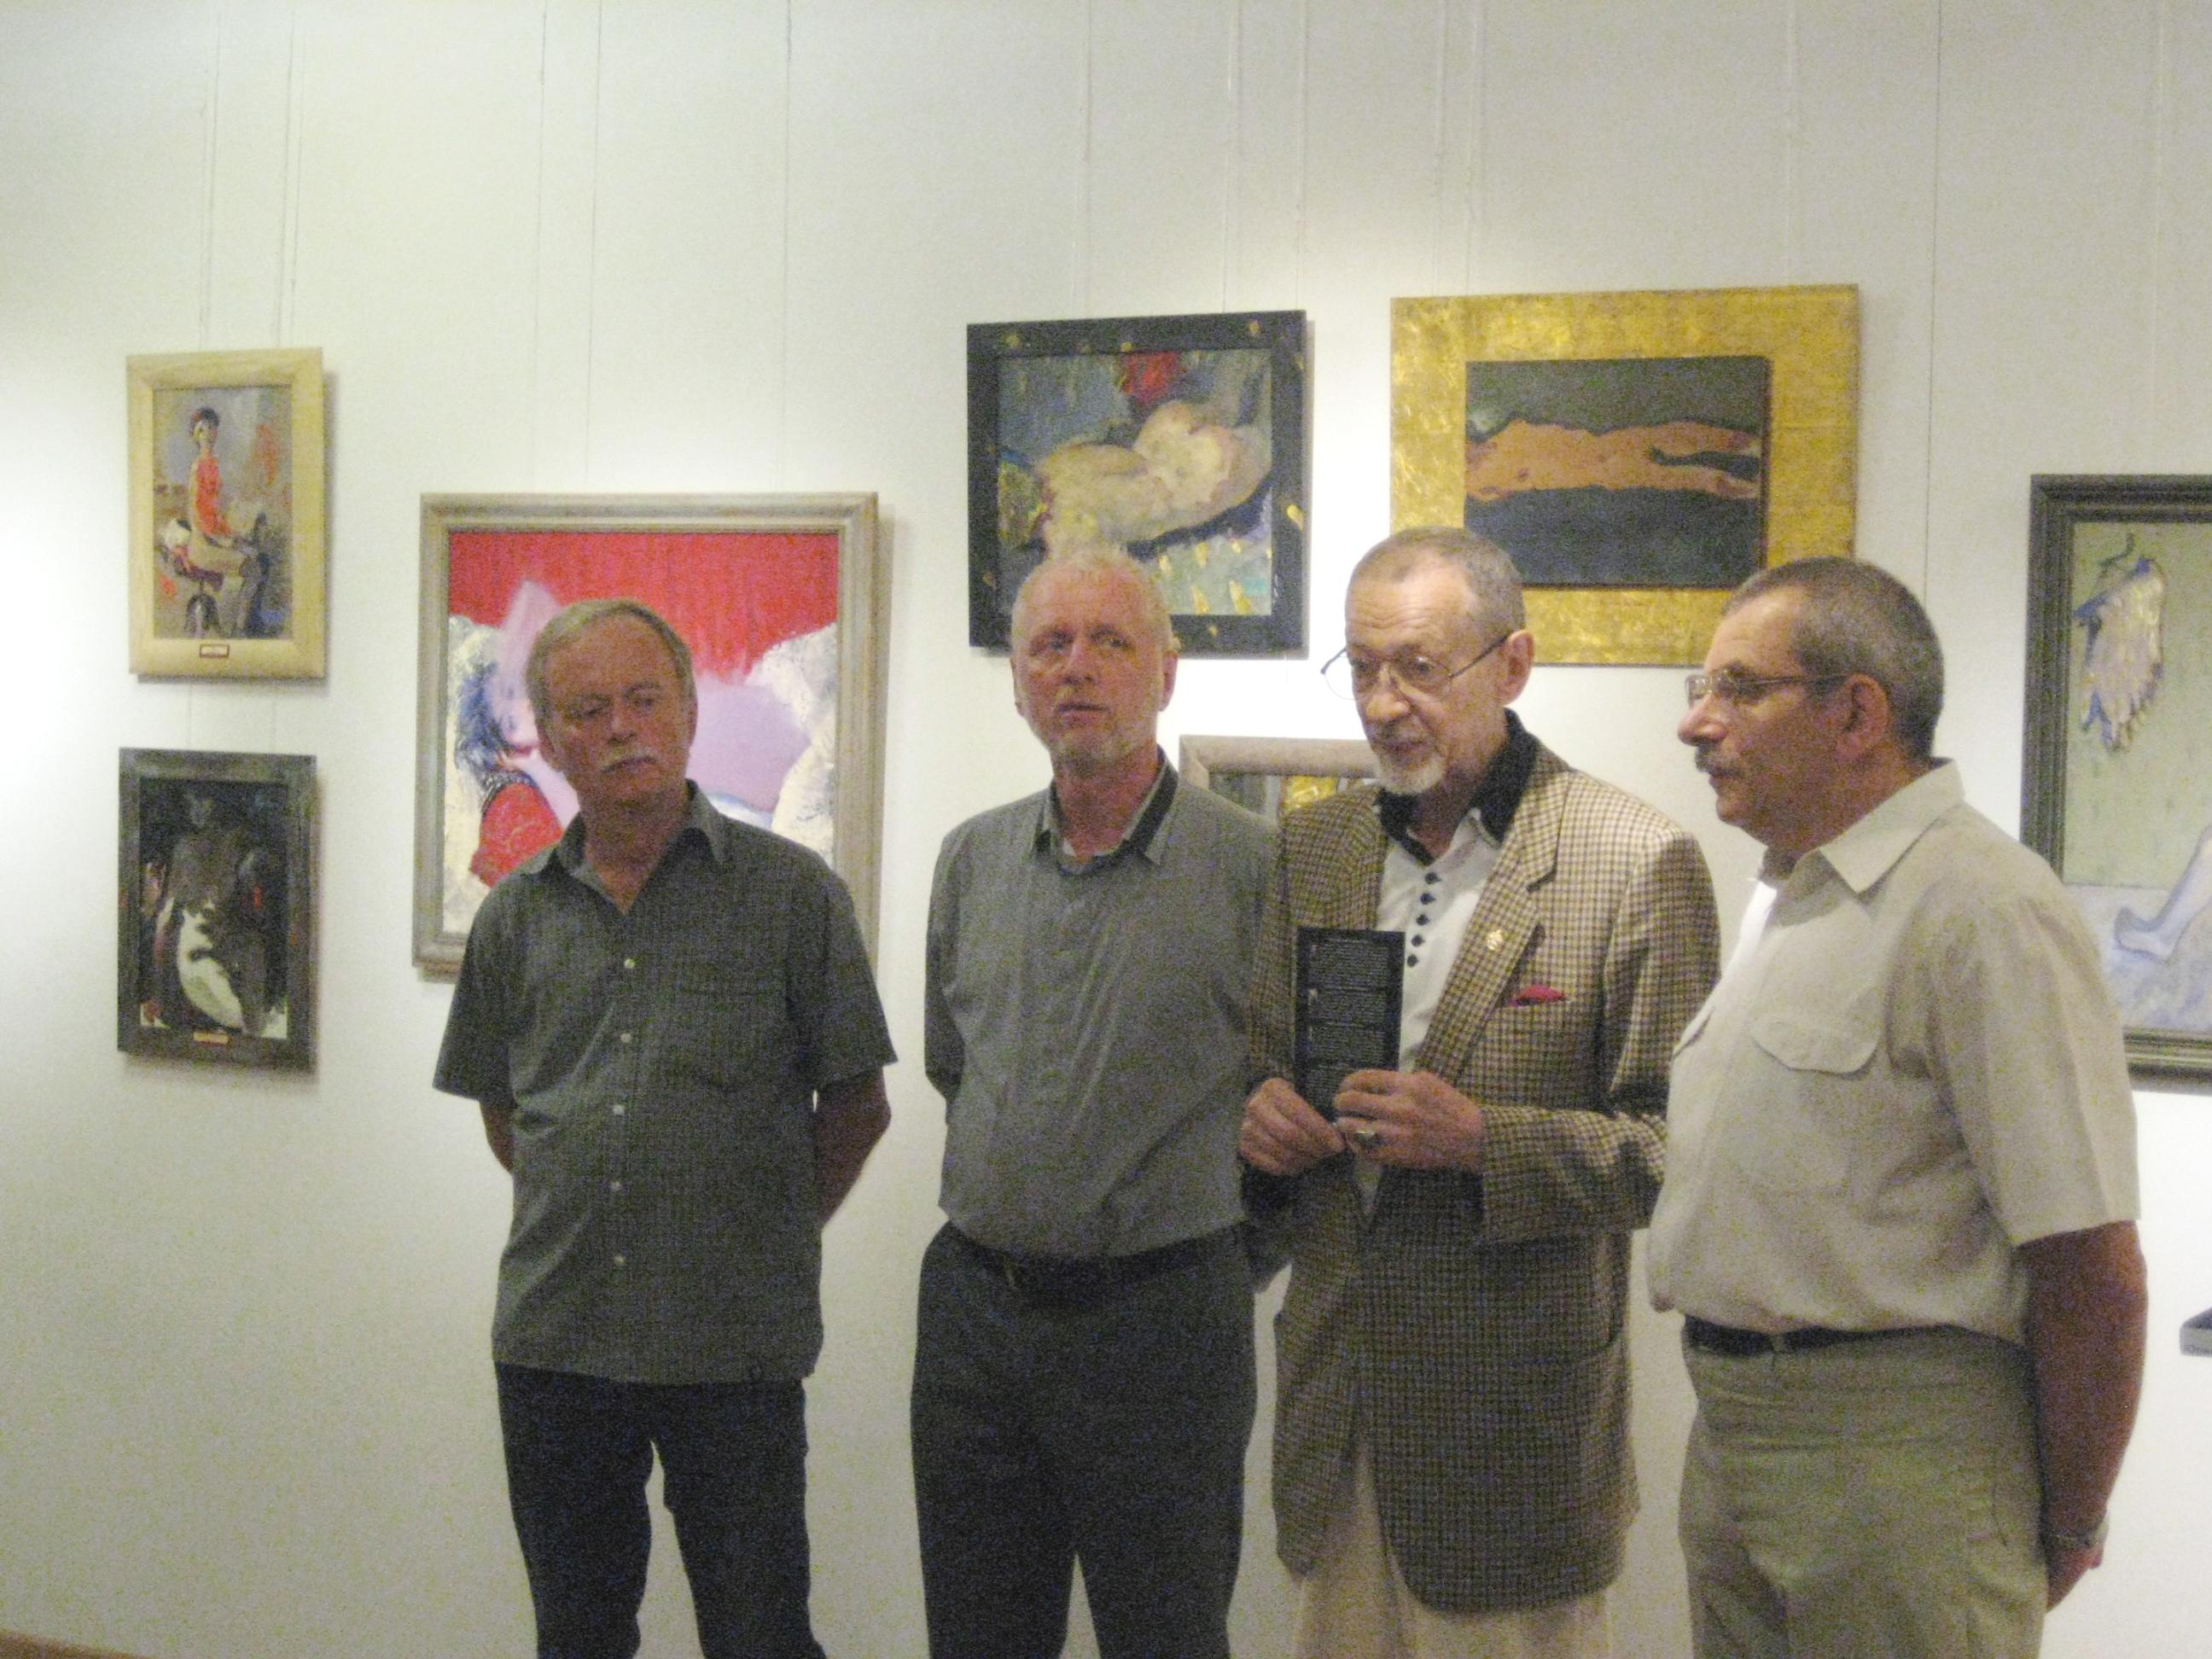 Слева направо: Юрий Астапченко, Алексей Загородных, Владимир Добромиров и Владимир Голуб